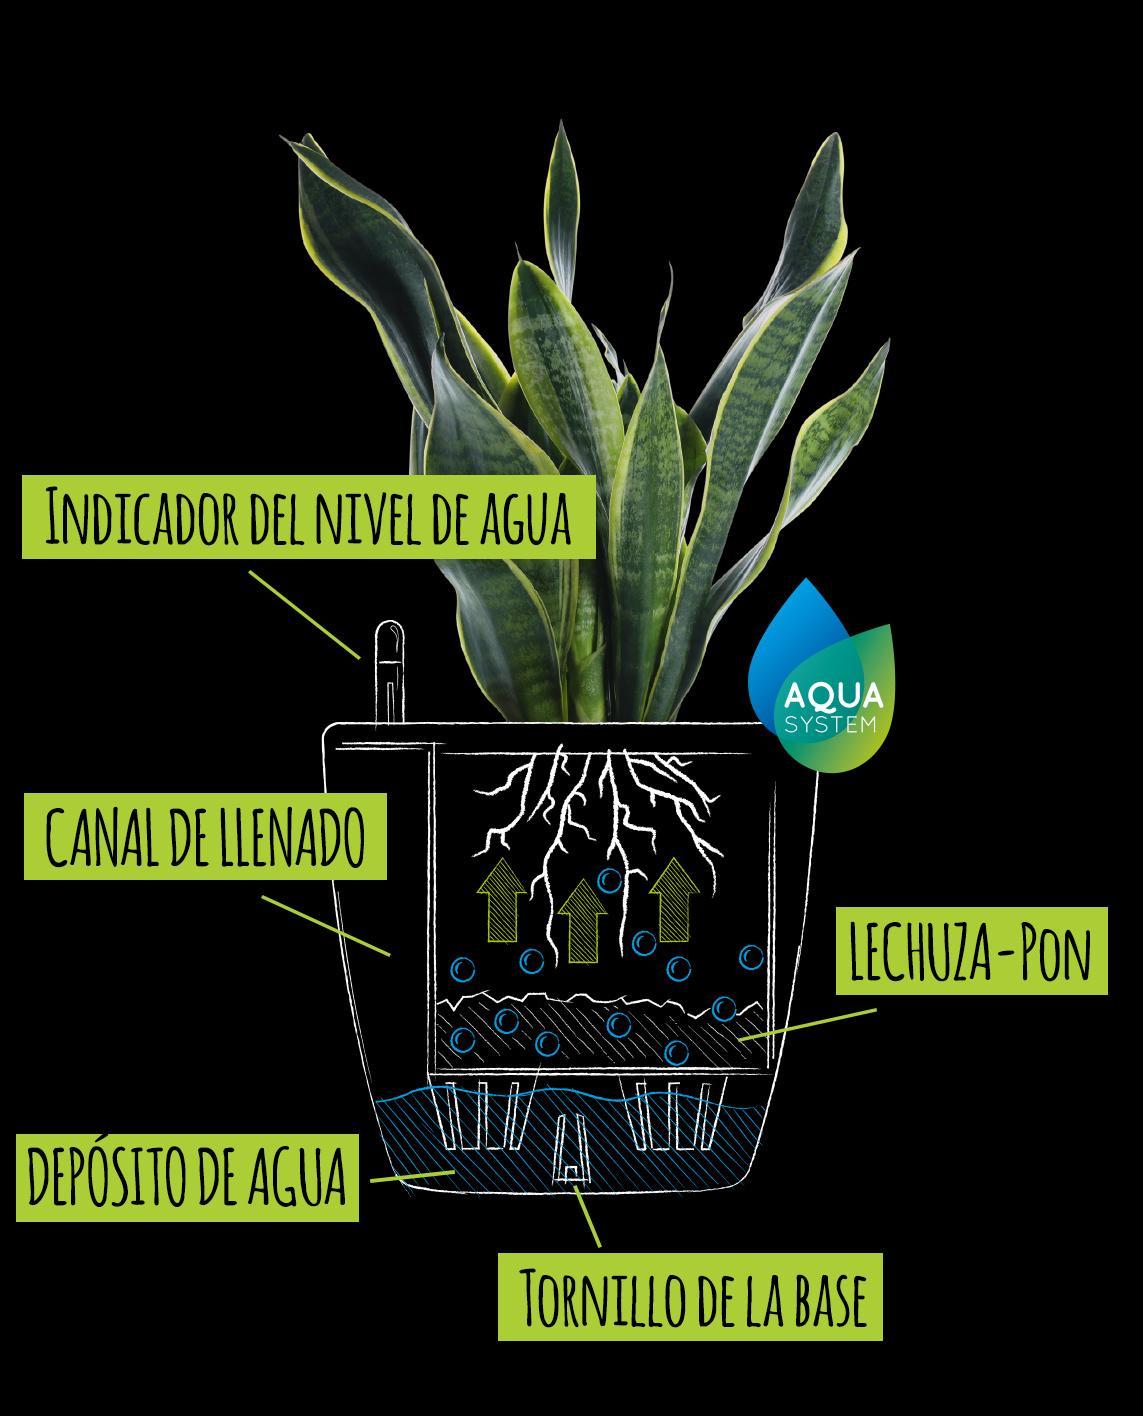 Dibujo con explicación del clásico sistema de irrigación